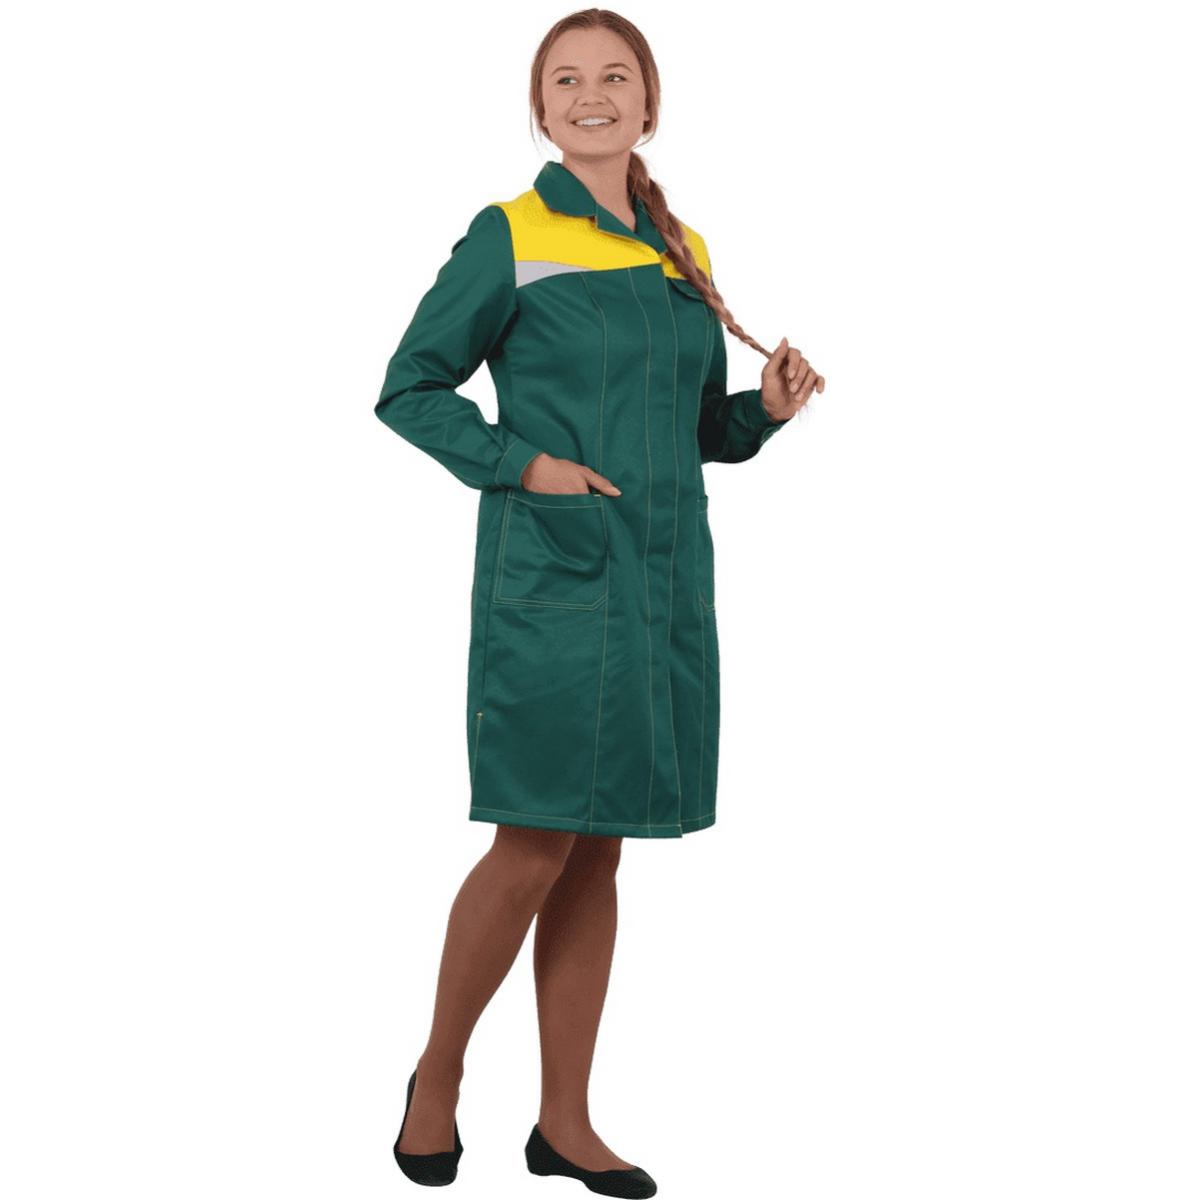 Халат КМ-10 ЛЮКС зеленый-жёлтый женский (разм. 80-84 рост 170-176)